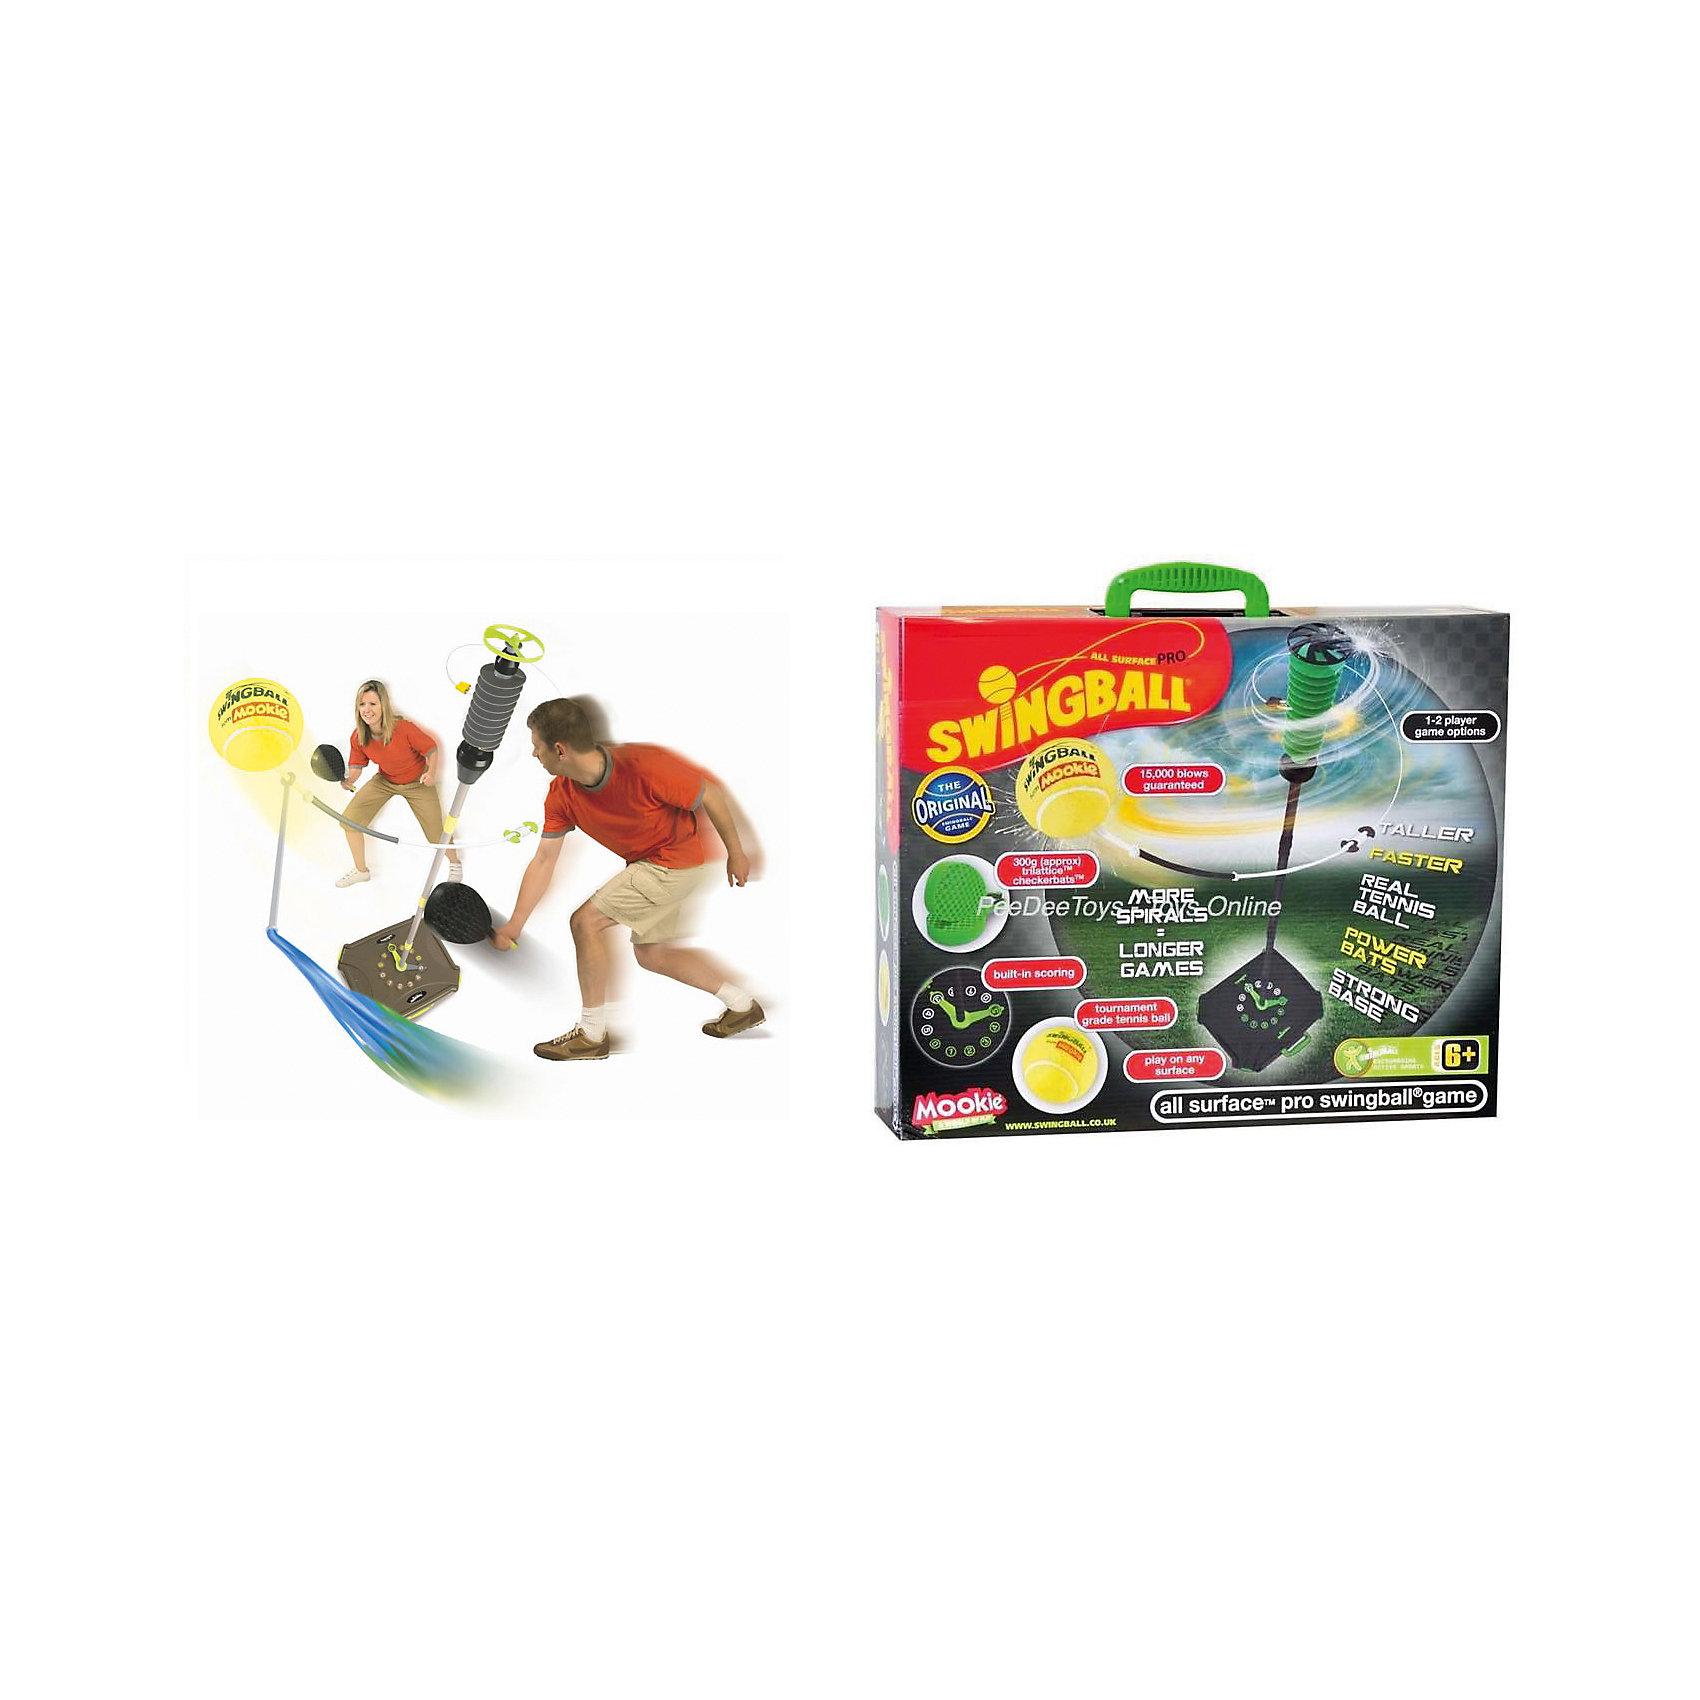 Набор Веселый теннис Pro Swingball , MookieВеселый теннис - прекрасный набор для активного отдыха. Устойчивая конструкция  с мячиком на подставке со счетоводом поможет развить скорость реакции детей. Ракетки с рельефной поверхностью, максимально удобной для игры. Удобная сумка поможет легко переносить и транспортировать набор. Хороший выбор для активных детей!<br><br>Дополнительная информация:<br>В наборе: 2 ракетки,  мячик на тросе, кейс-подставка, стойка<br>Материал: пластик<br>Размер: 13х41,5х50 см<br>Вес: 3850 грамм<br>Вы можете купить набор Веселый теннис в нашем интернет-магазине.<br><br>Ширина мм: 500<br>Глубина мм: 415<br>Высота мм: 130<br>Вес г: 3850<br>Возраст от месяцев: 36<br>Возраст до месяцев: 120<br>Пол: Унисекс<br>Возраст: Детский<br>SKU: 4953644